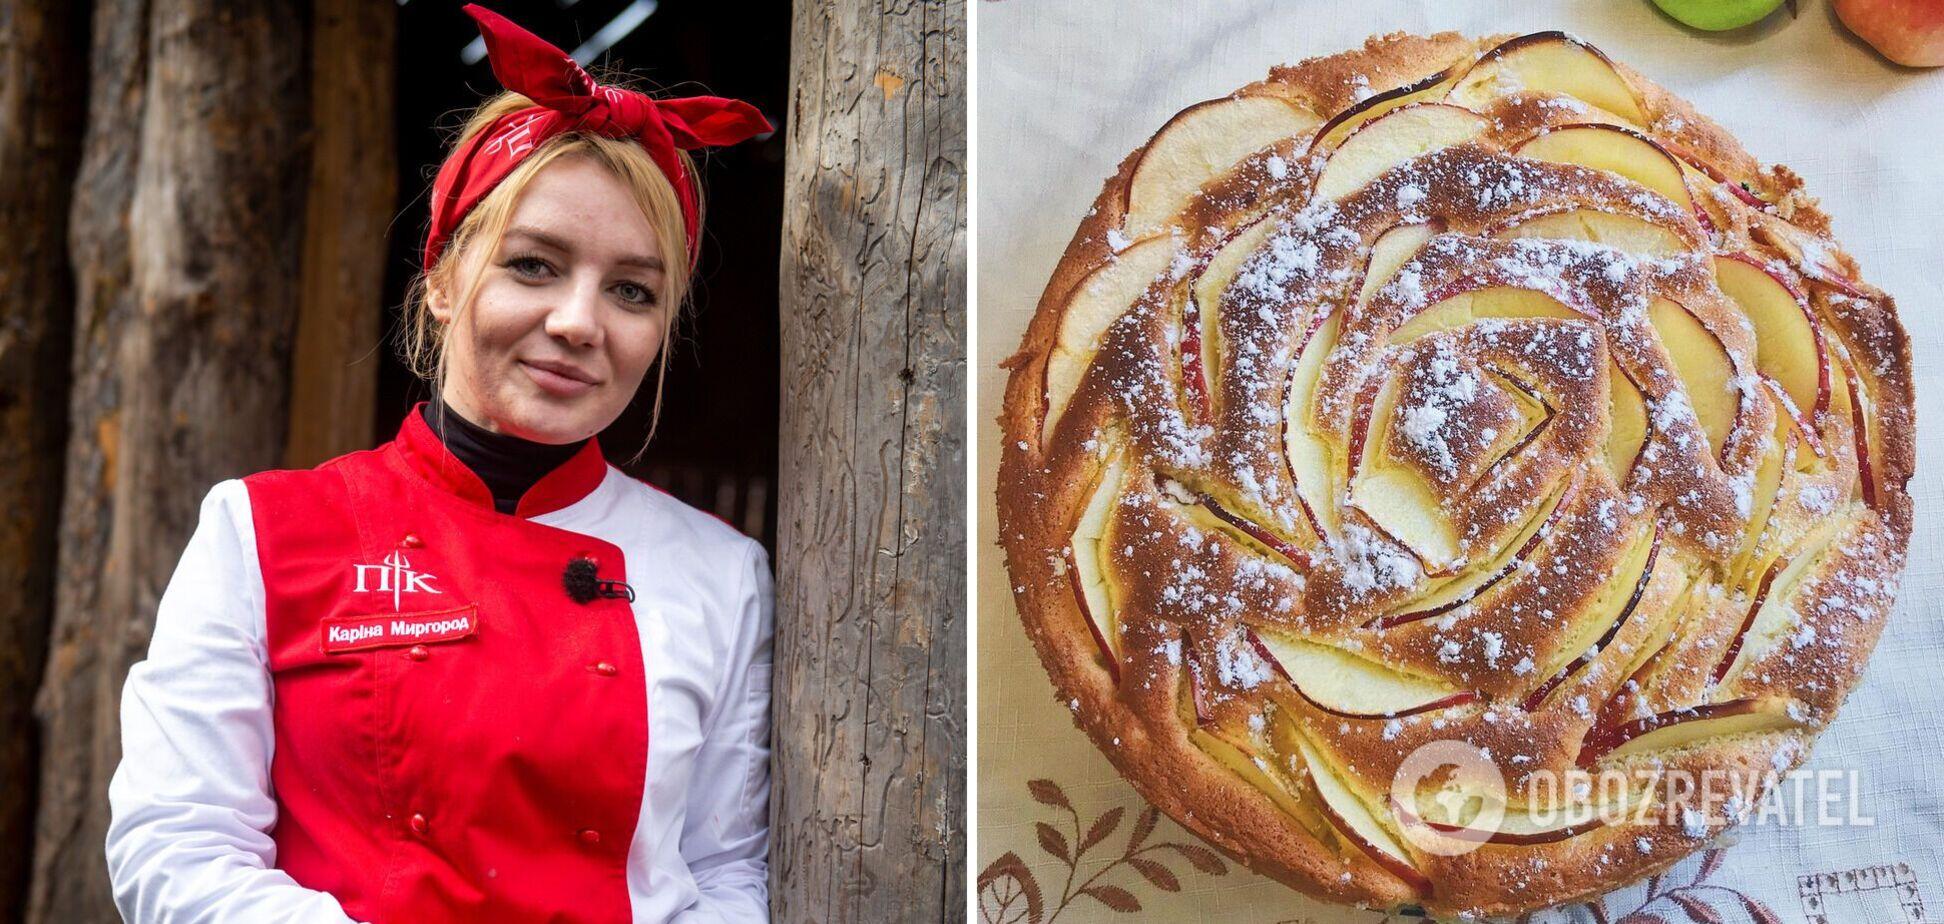 Карина Миргород поділилася рецептом справжньої осінньої шарлотки